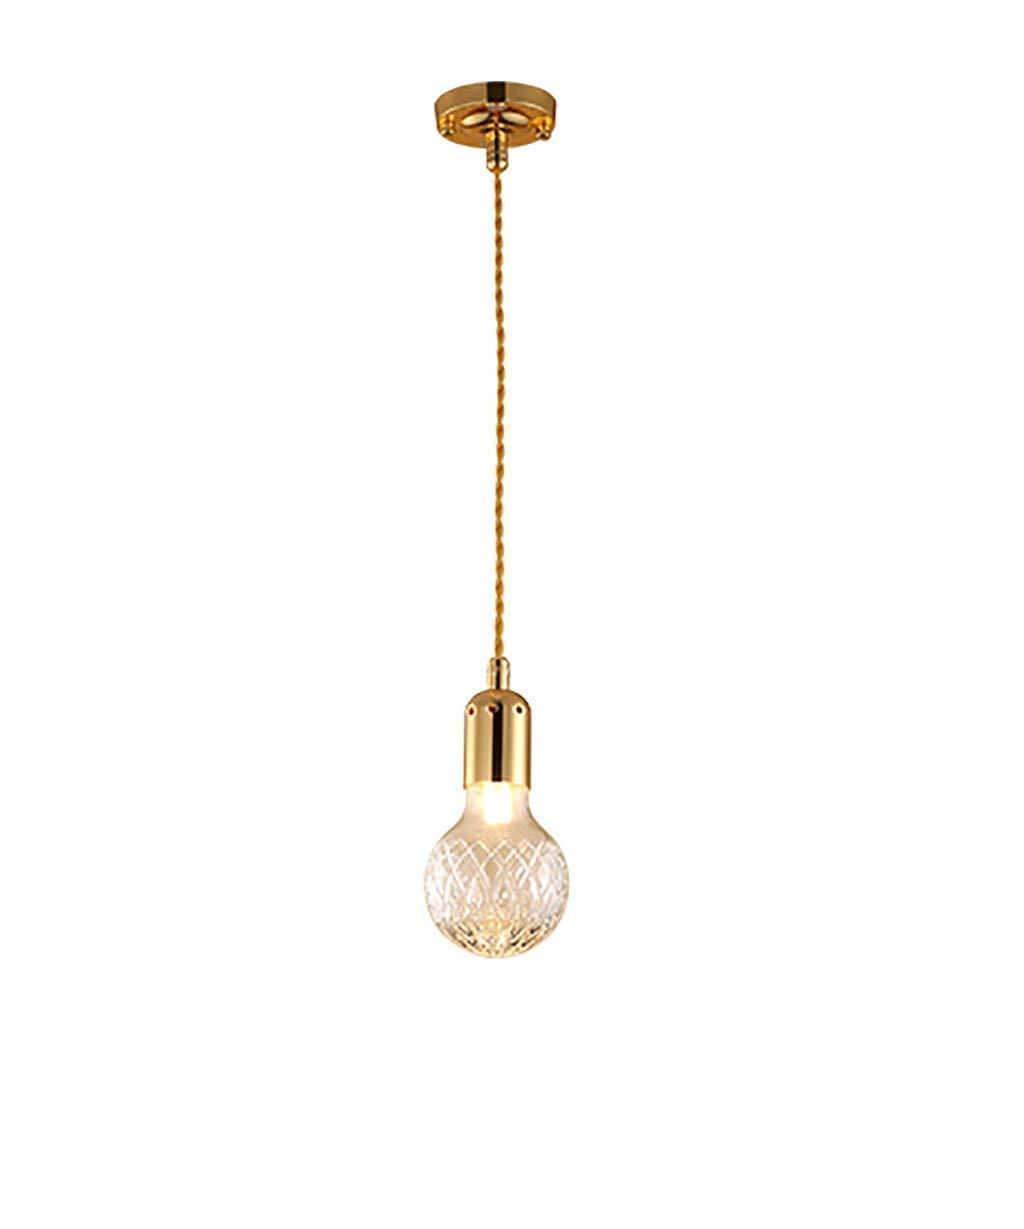 FuweiEncore Postmoderne kreative Kristallkugel des Glases führte Leuchter-einfache Restaurant-Raum-Leuchter-Stange (Farbe   -, Größe   -)